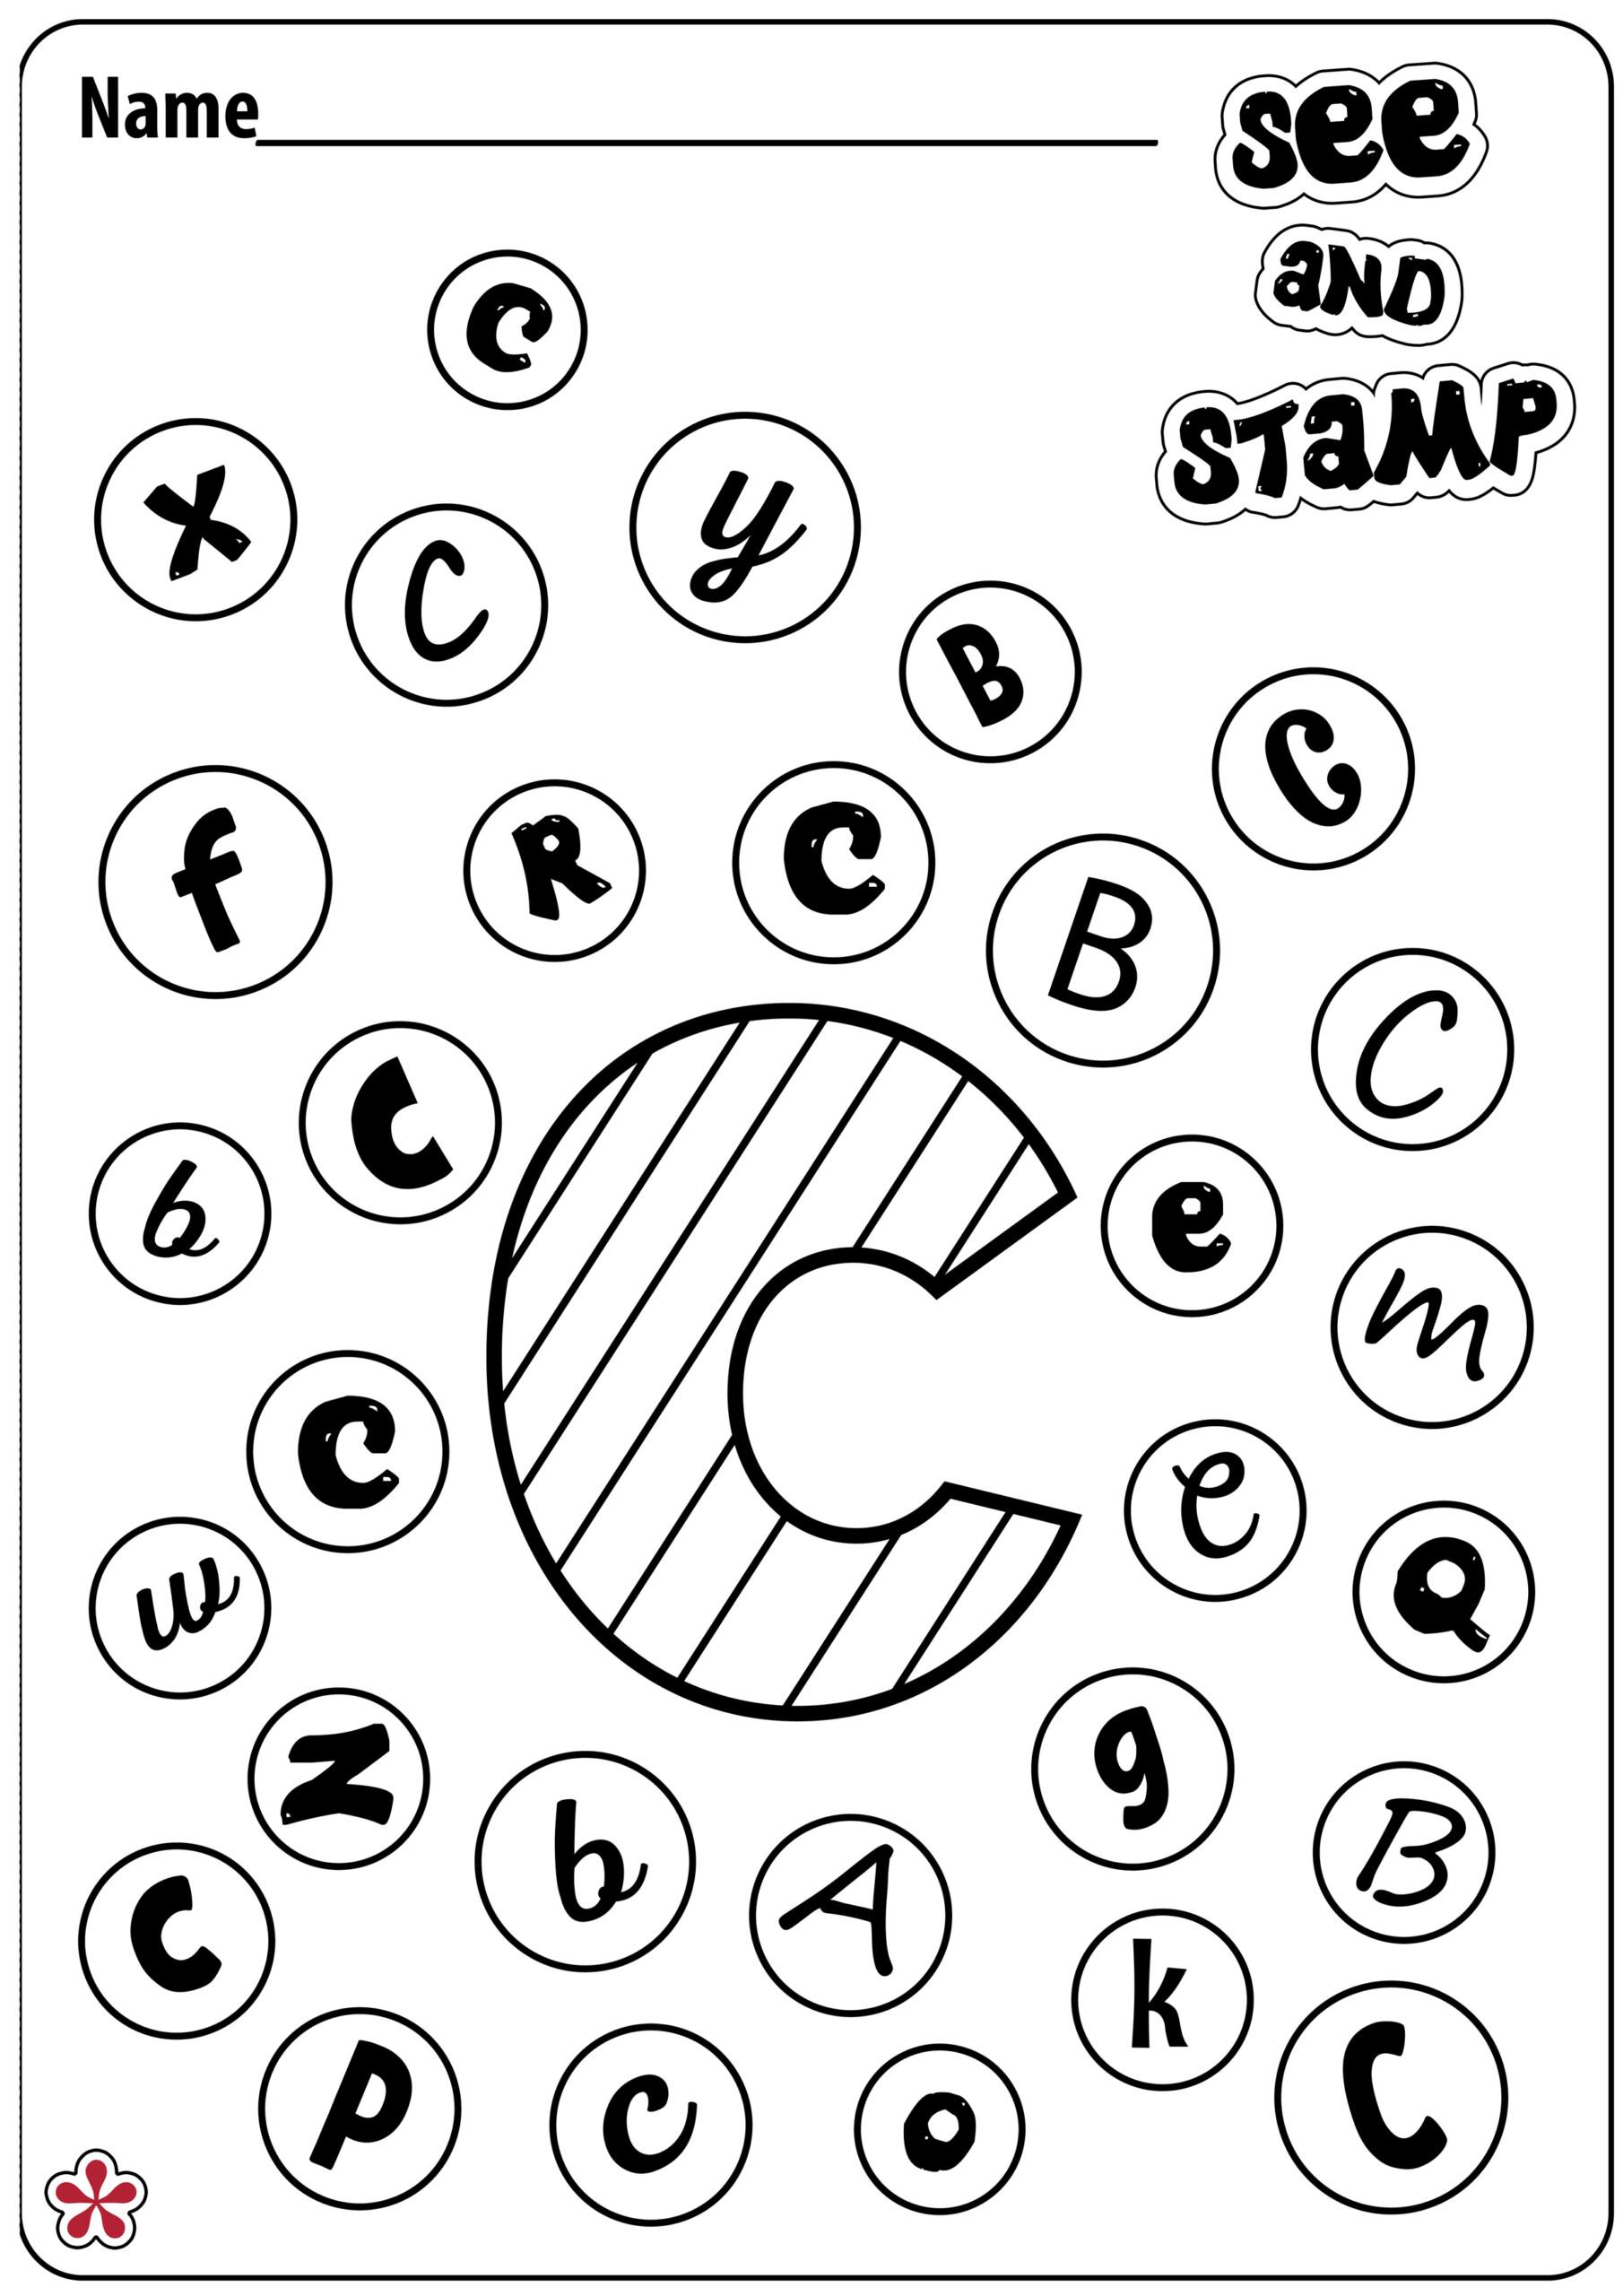 Letter C Worksheets | Teachersmag throughout Tracing Letter C Worksheets